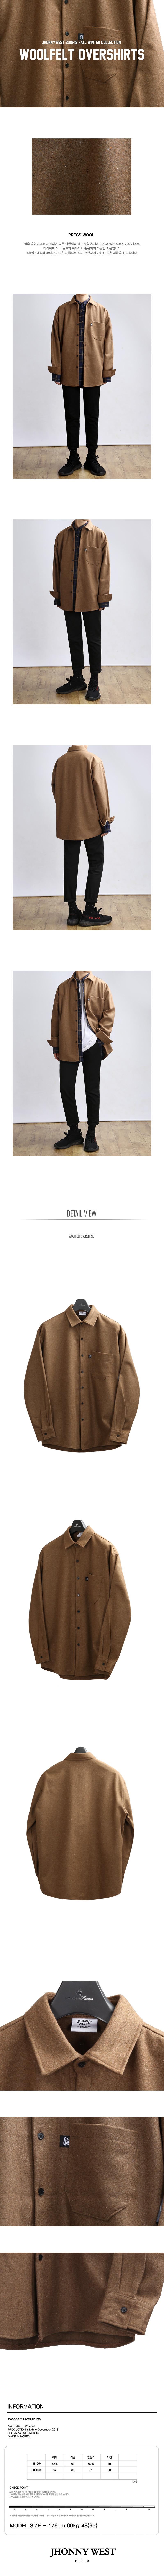 쟈니웨스트(JHONNY WEST) Woolfelt Overshirts (Don Brown)